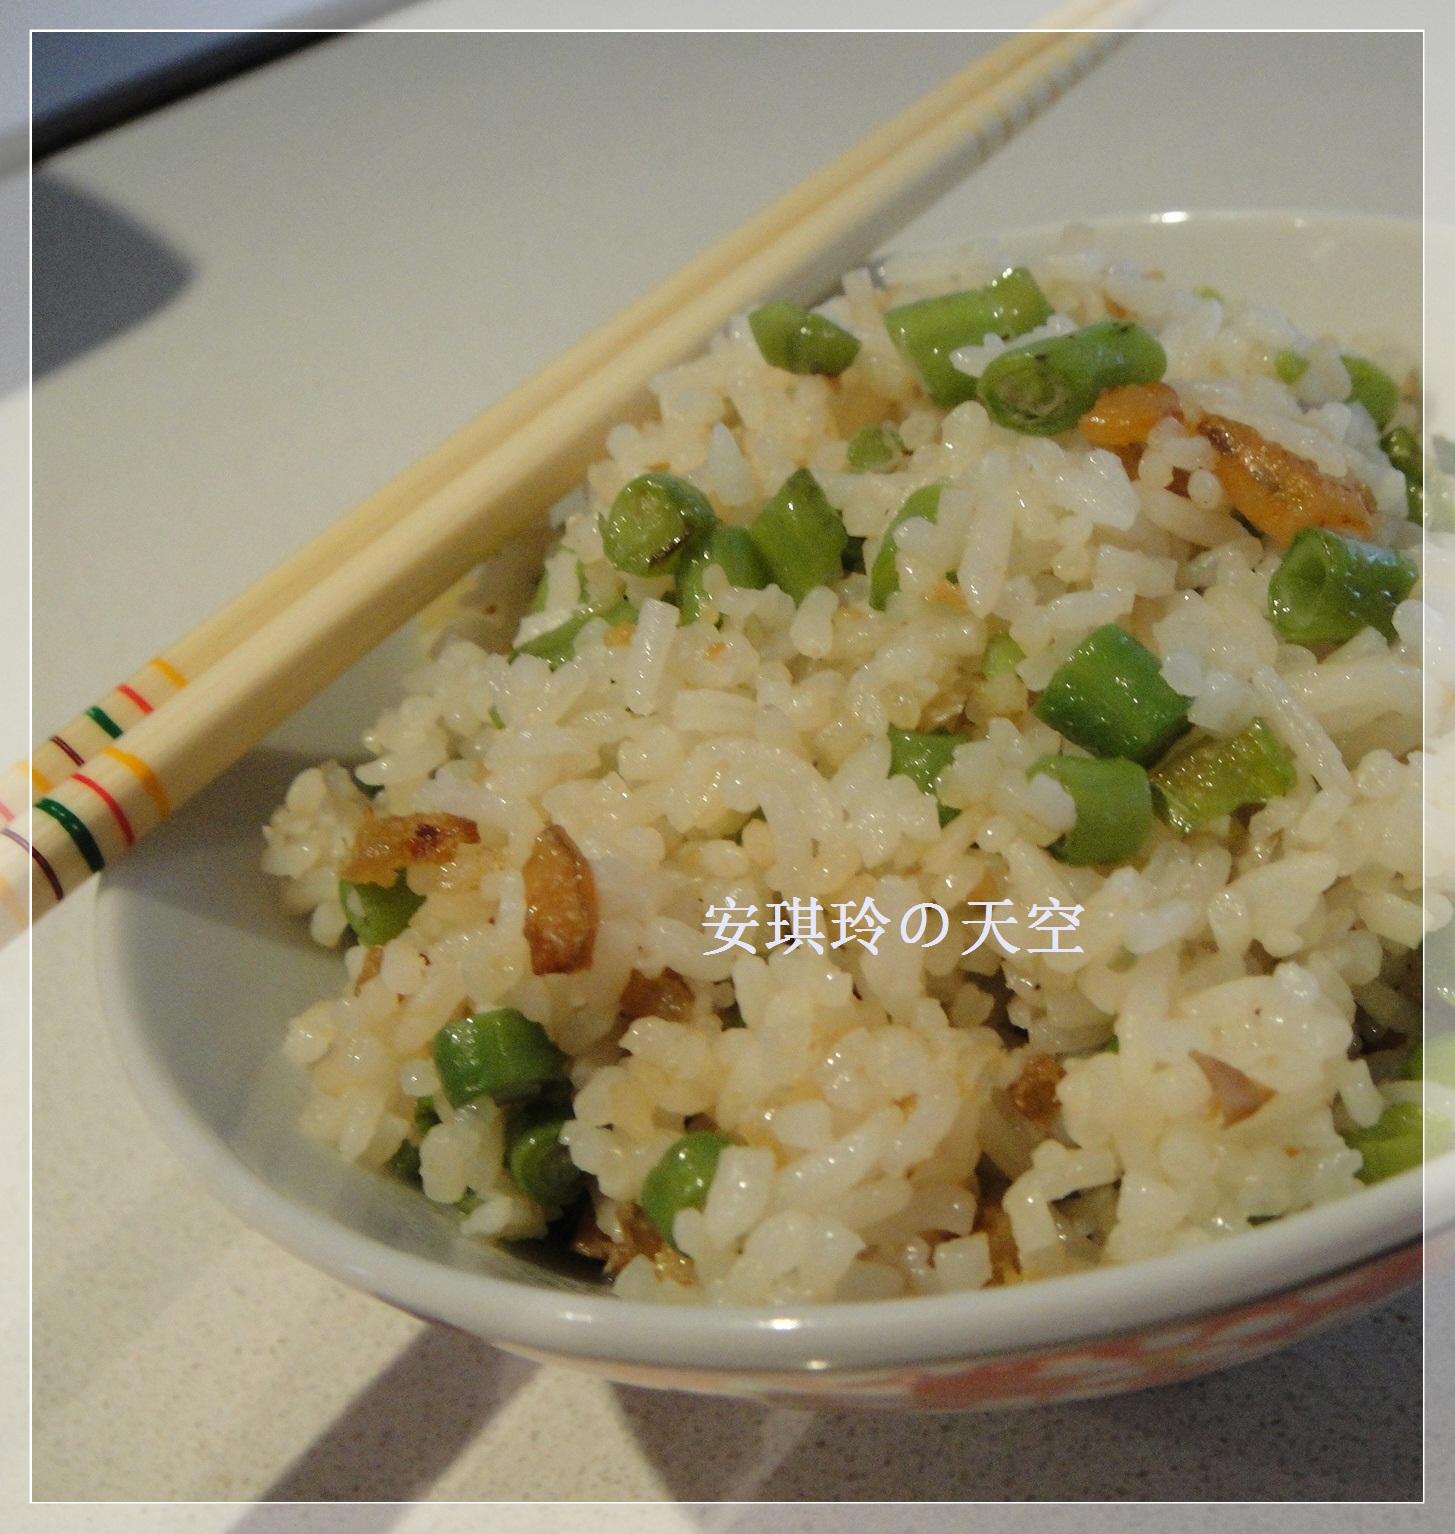 安琪の天空: 原來簡單也可以那么美!菜豆飯+豆支湯